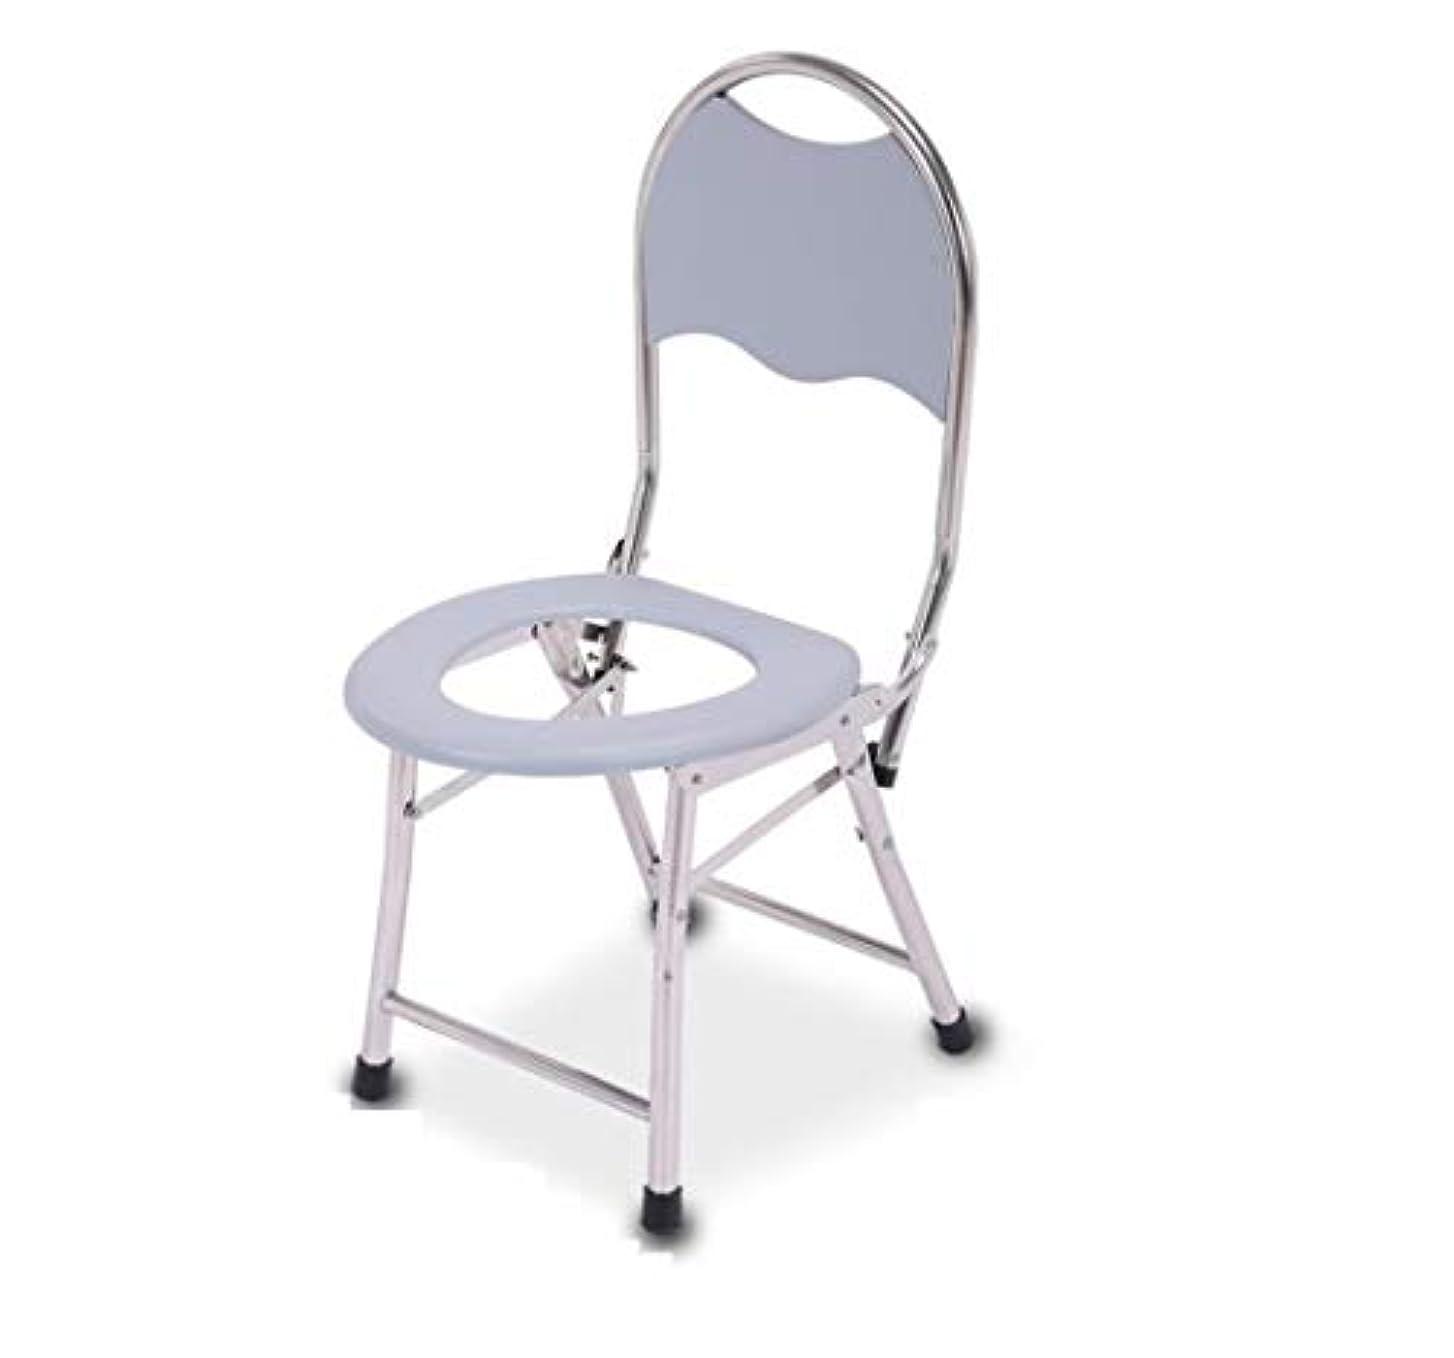 祈り遅滞包囲便器椅子、大人用便座、安全ステンレス鋼滑り止めシャワー椅子、携帯用しゃがむパン